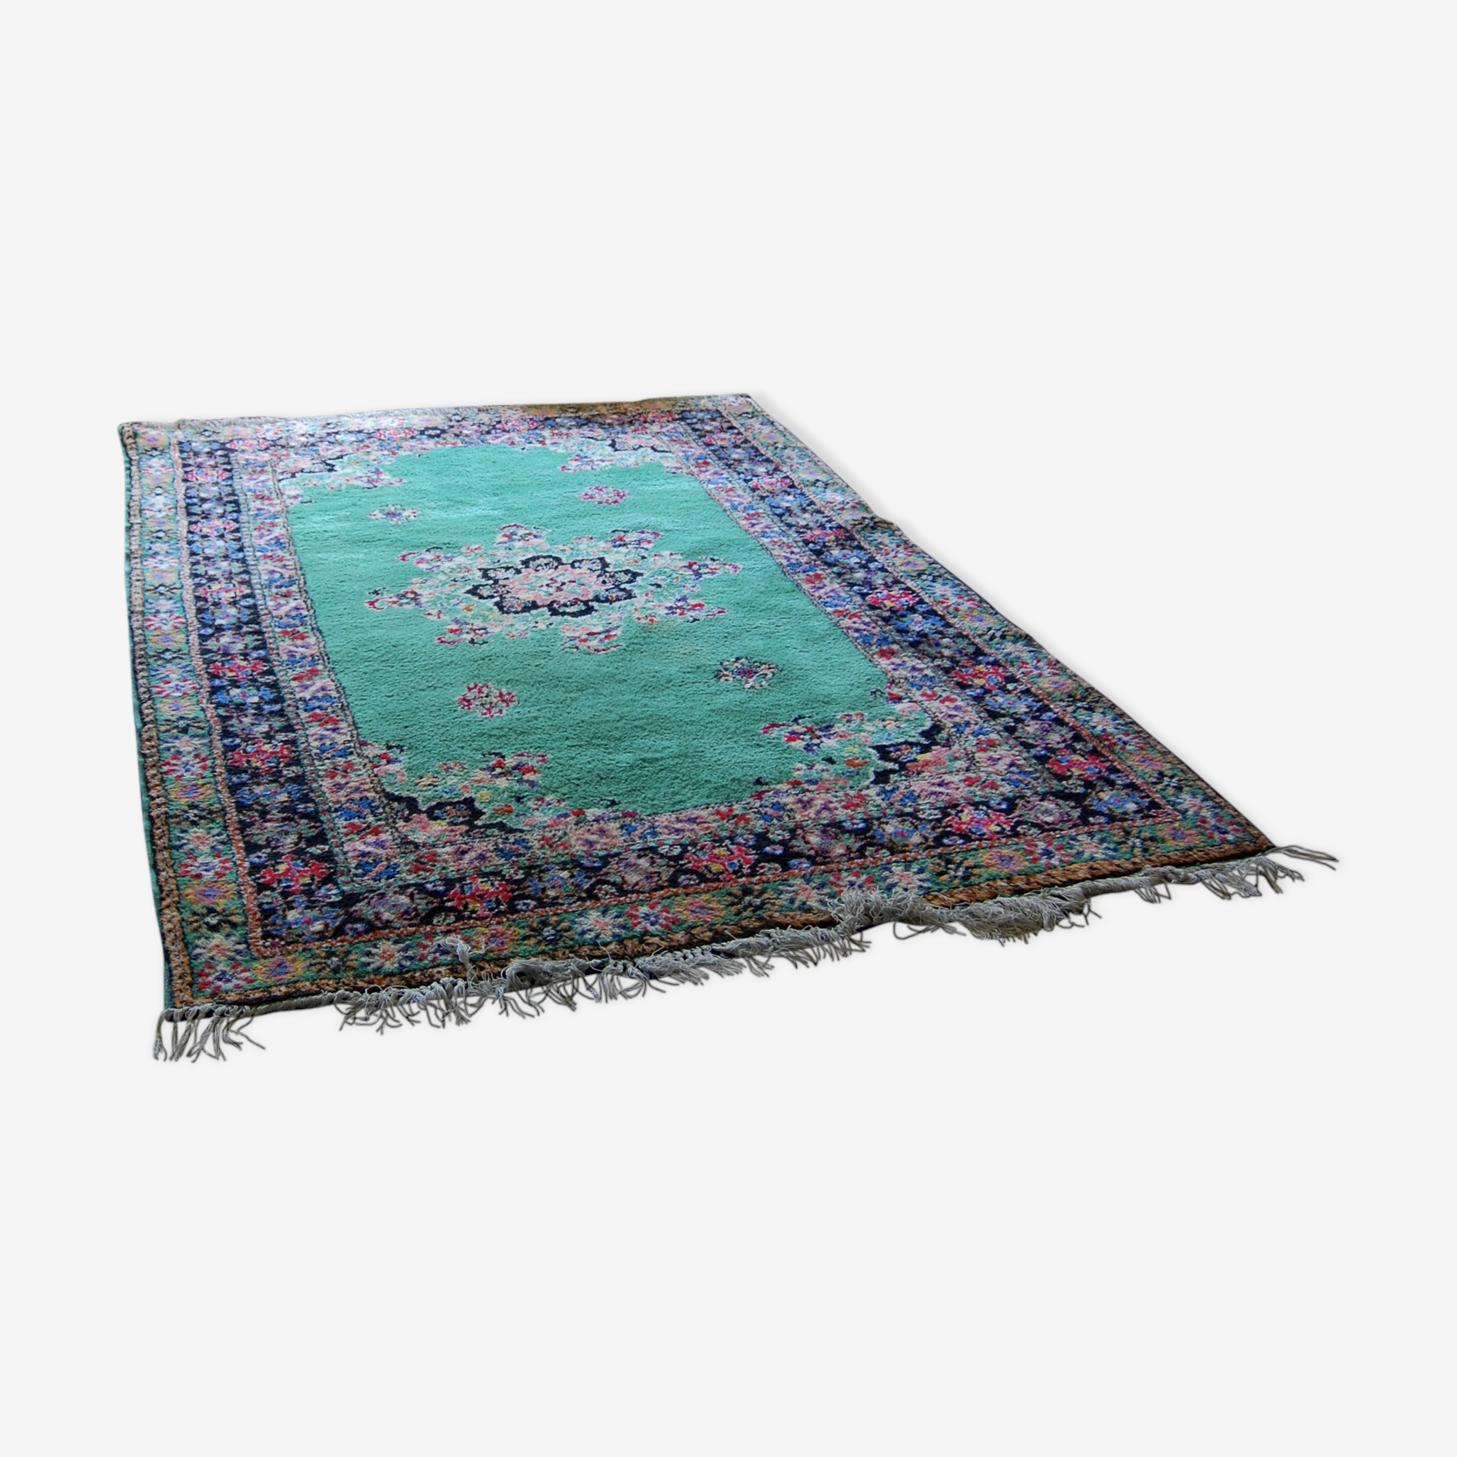 Tapis marocain multicolore 170x260cm